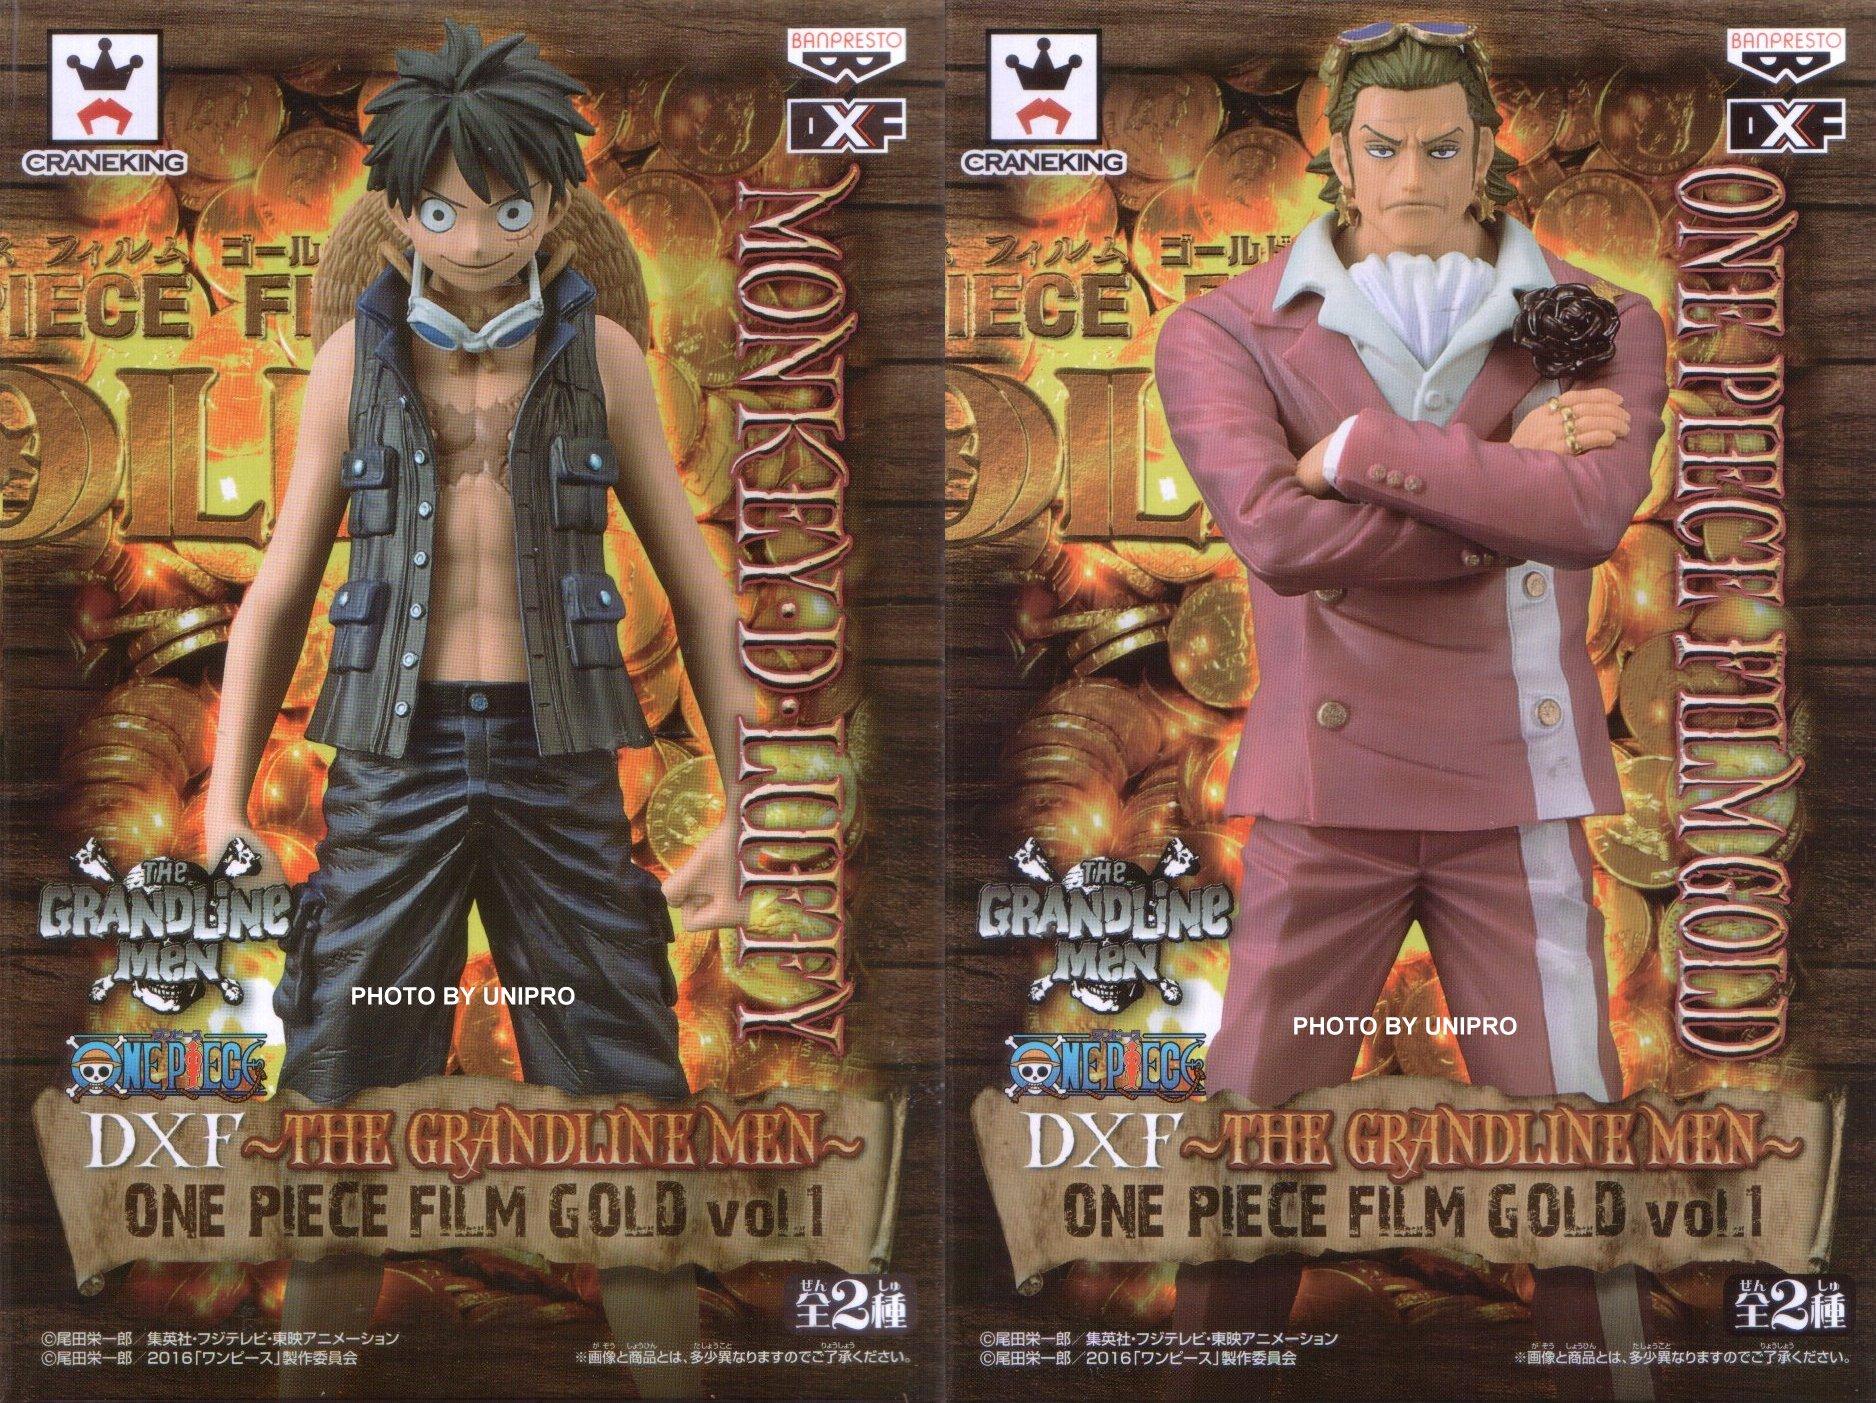 台灣代理版 電影版 DXF THE GRANDLINE MEN ONE PIECE FILM GOLD VOL.1 魯夫 + 基爾德 黃金大帝 全2種 海賊王 航海王 公仔